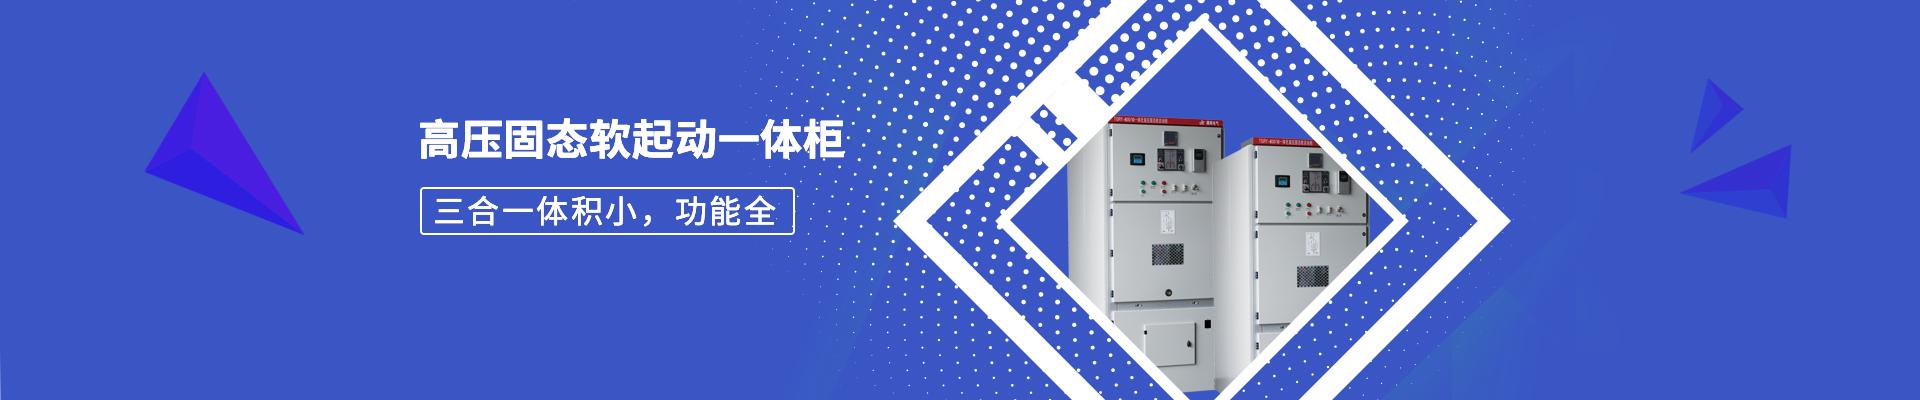 襄阳腾辉电气制造有限公司